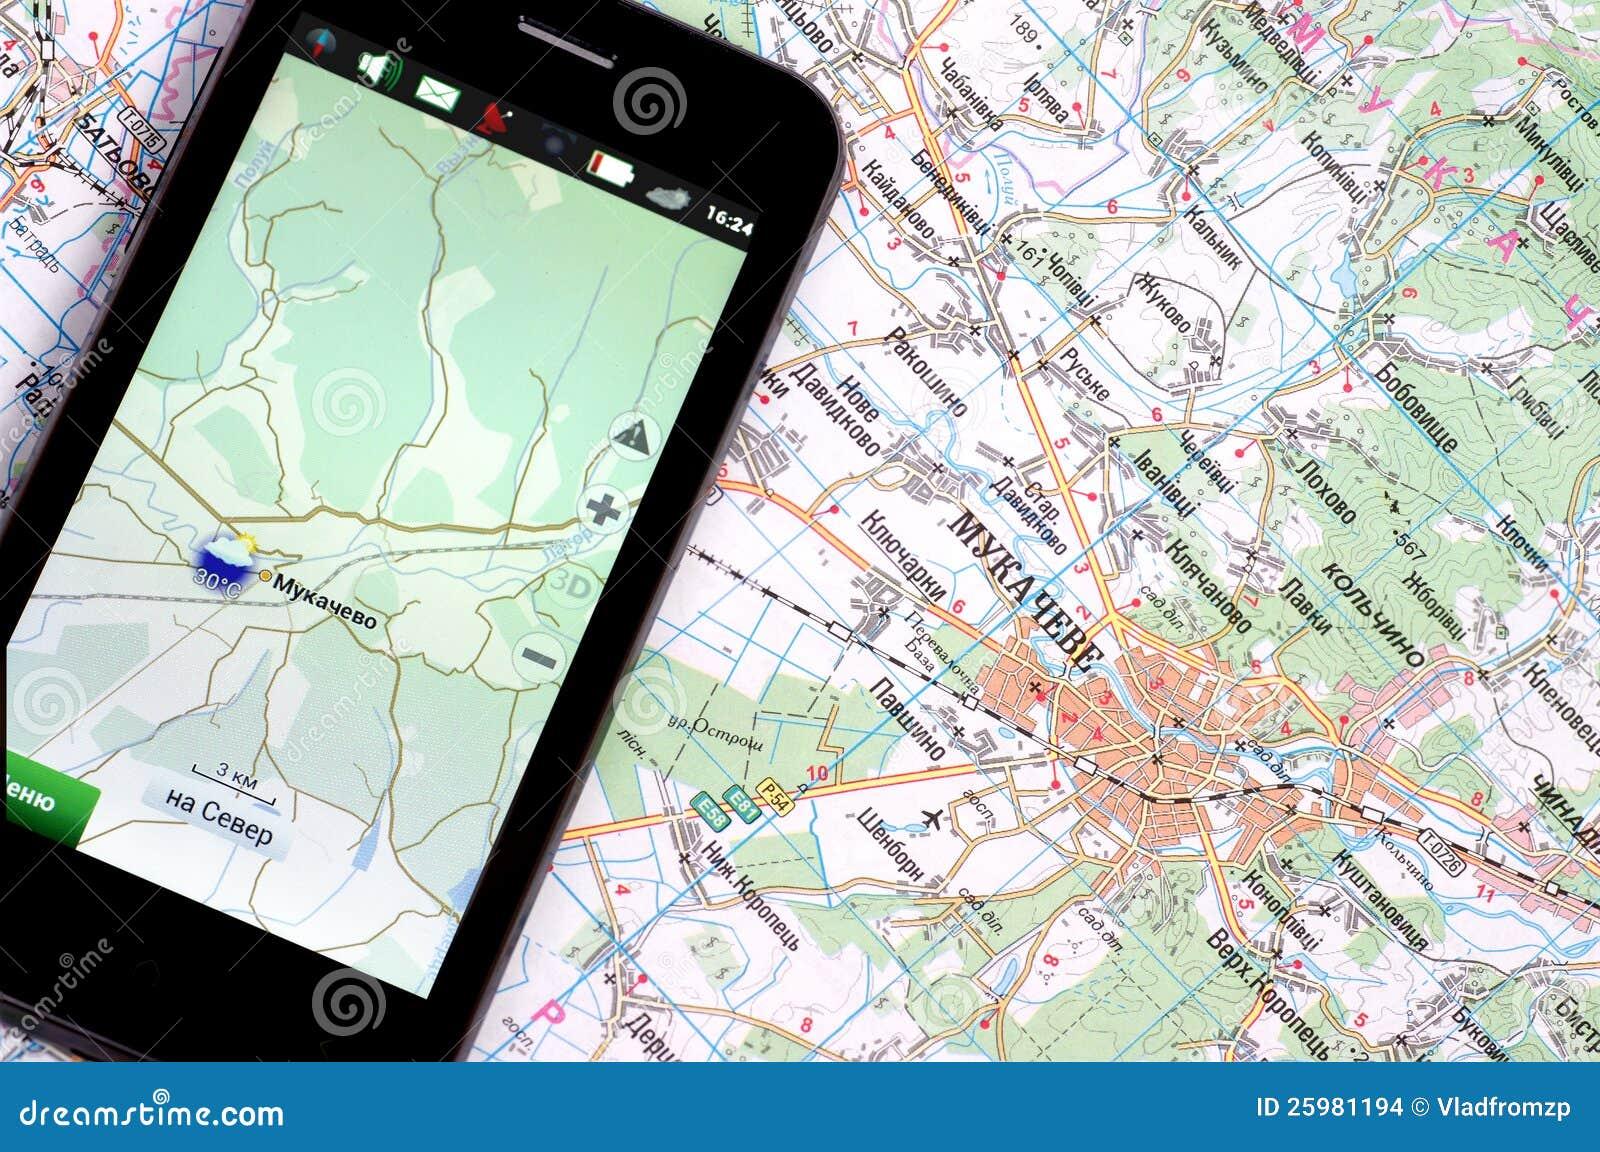 karte gps Smartphone Mit GPS Und Einer Karte Stockfoto   Bild von zelle  karte gps